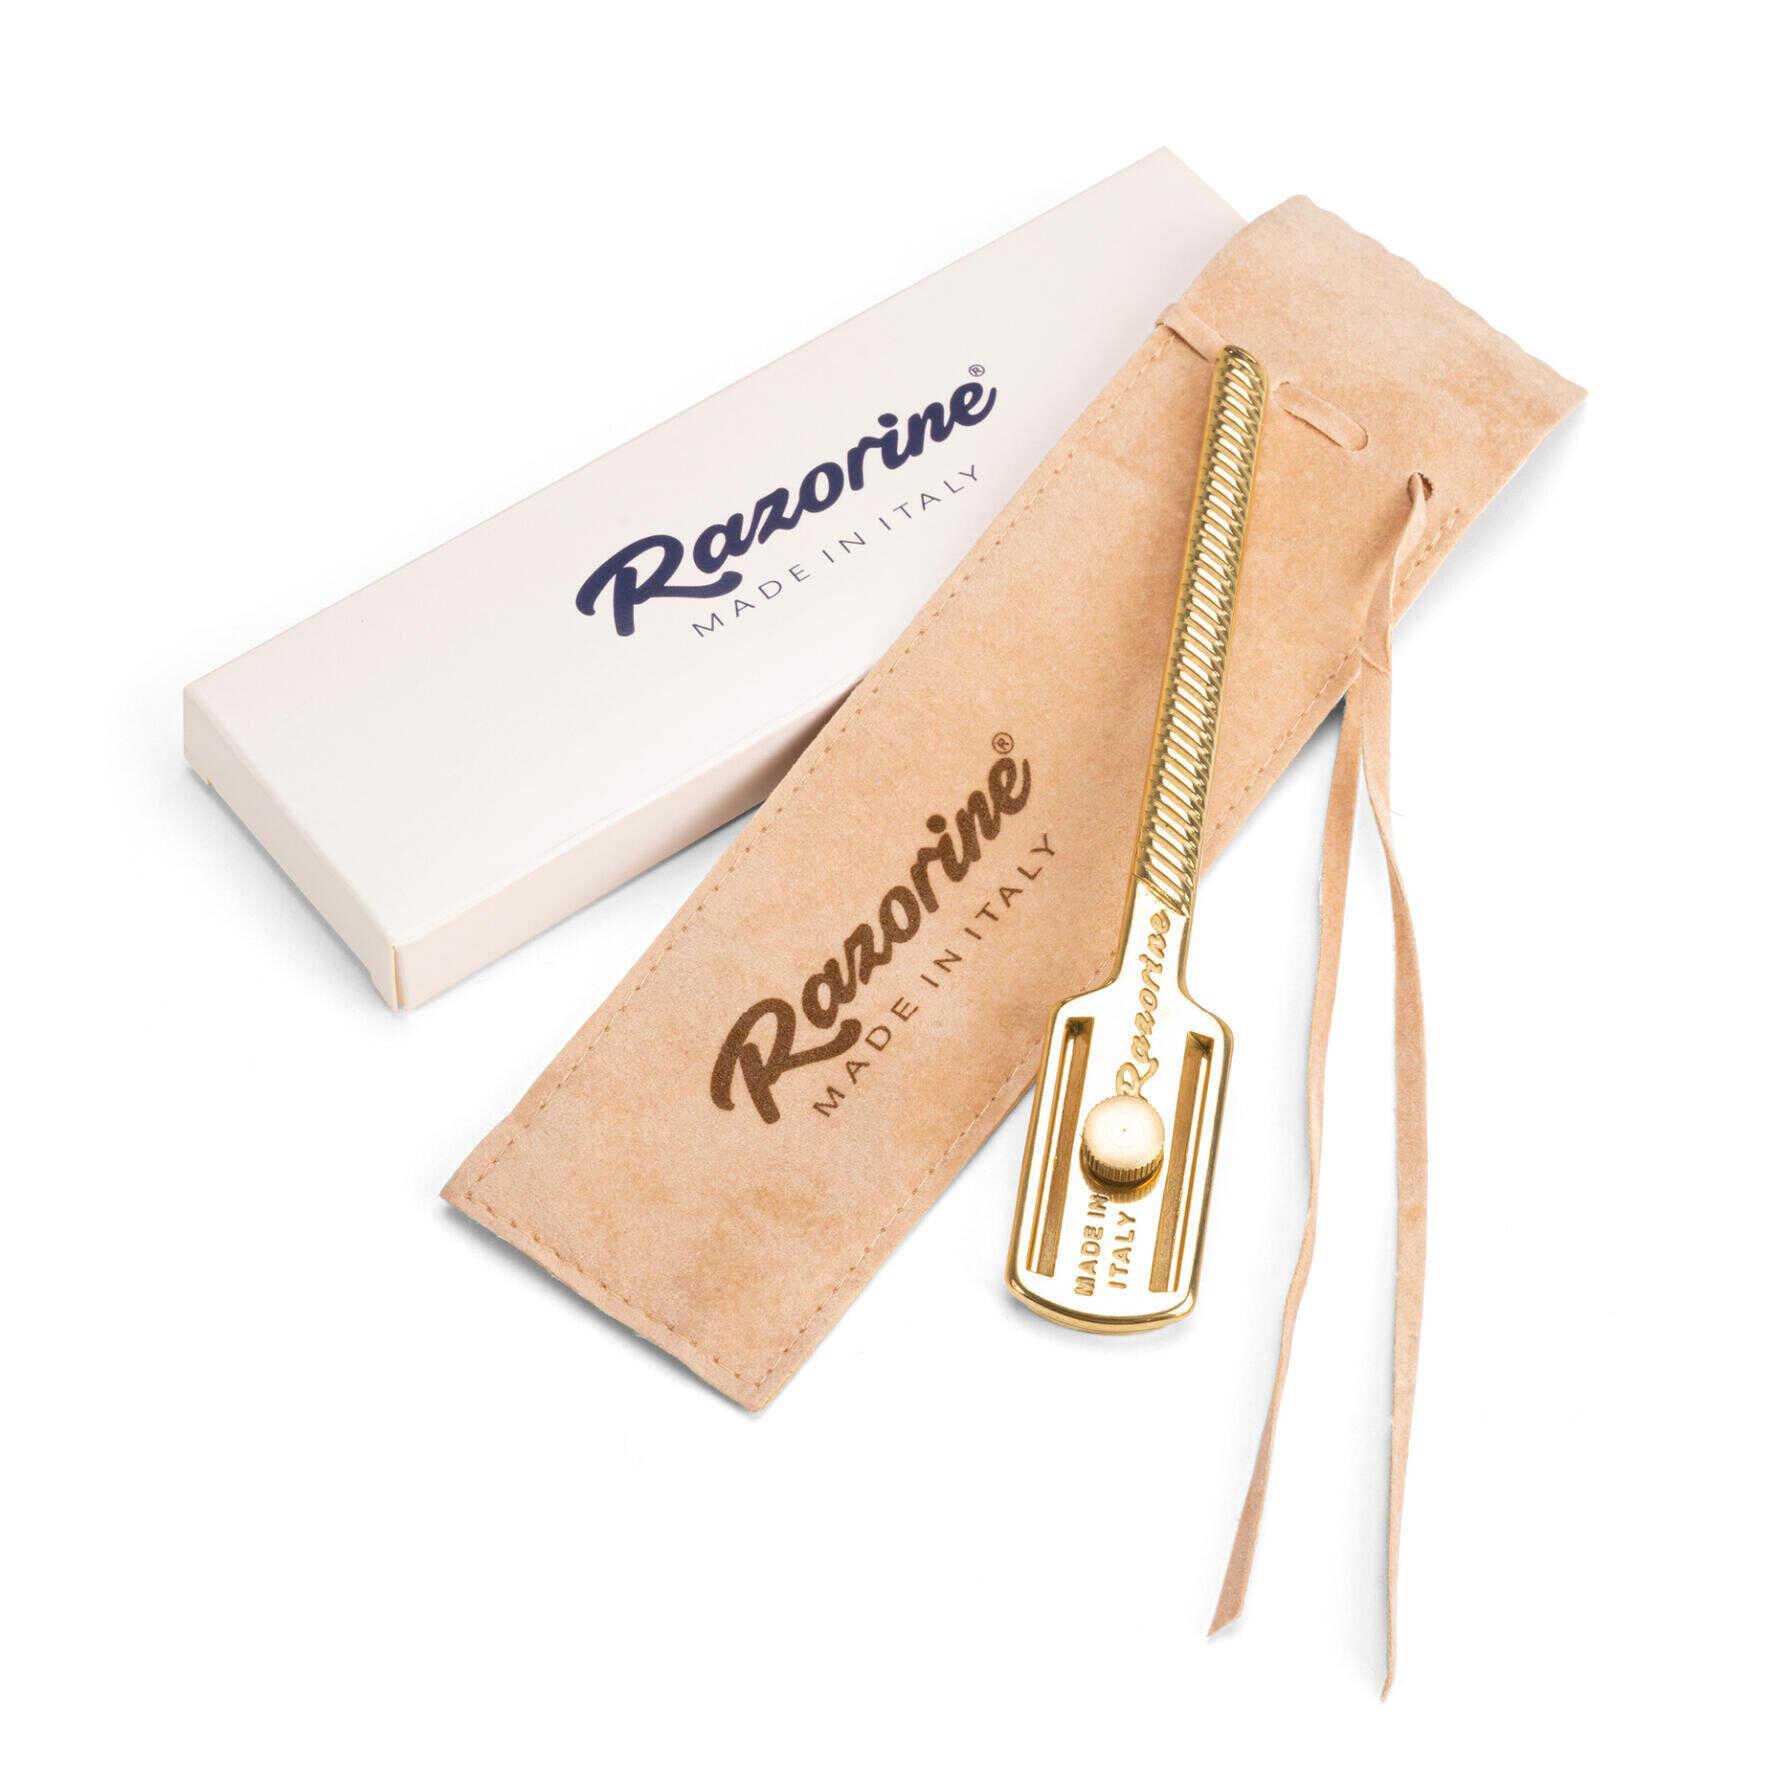 Razorine  - obojstranný holiaci strojček shavetta, celá čepeľ + DERBY Professional - náhradné žiletky, 10 ks